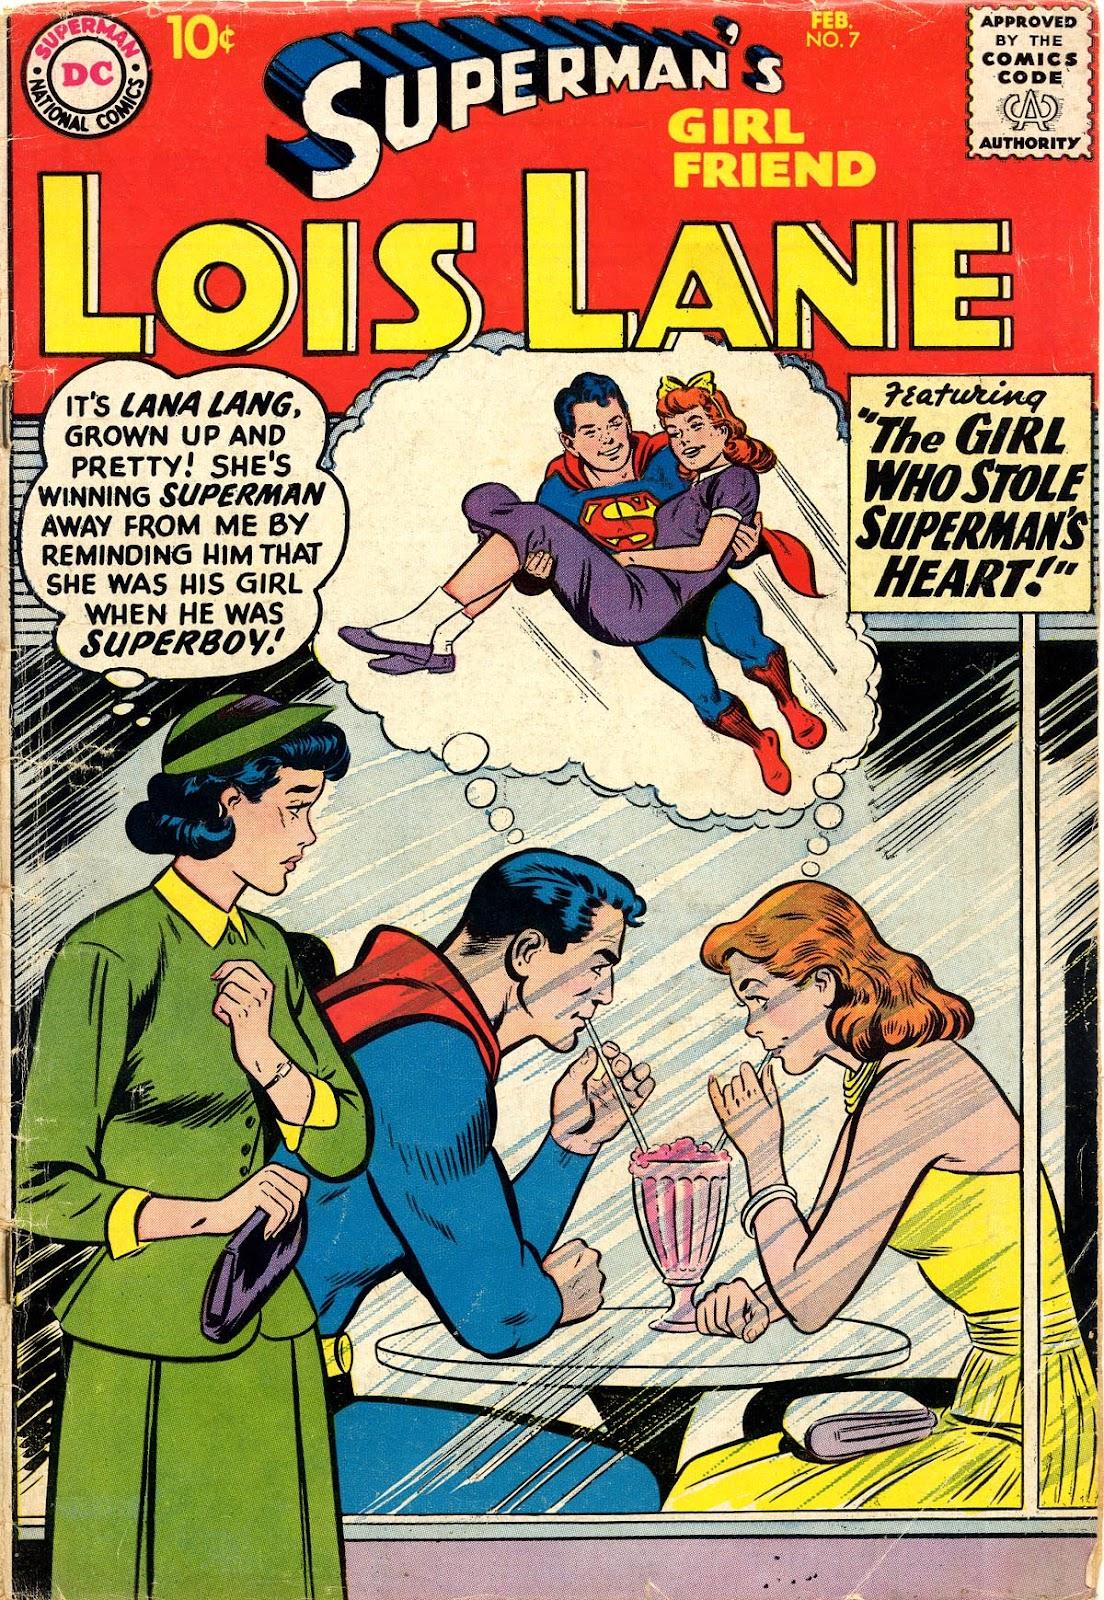 Supermans Girl Friend, Lois Lane 7 Page 1